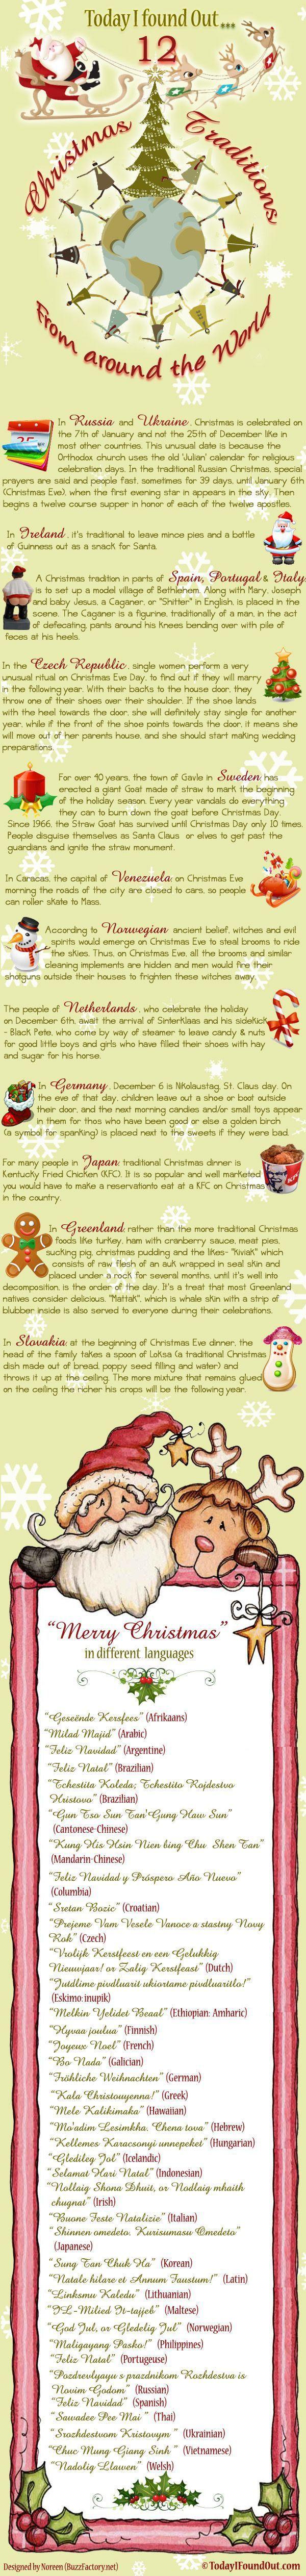 12 tradizioni di Natale dal mondo